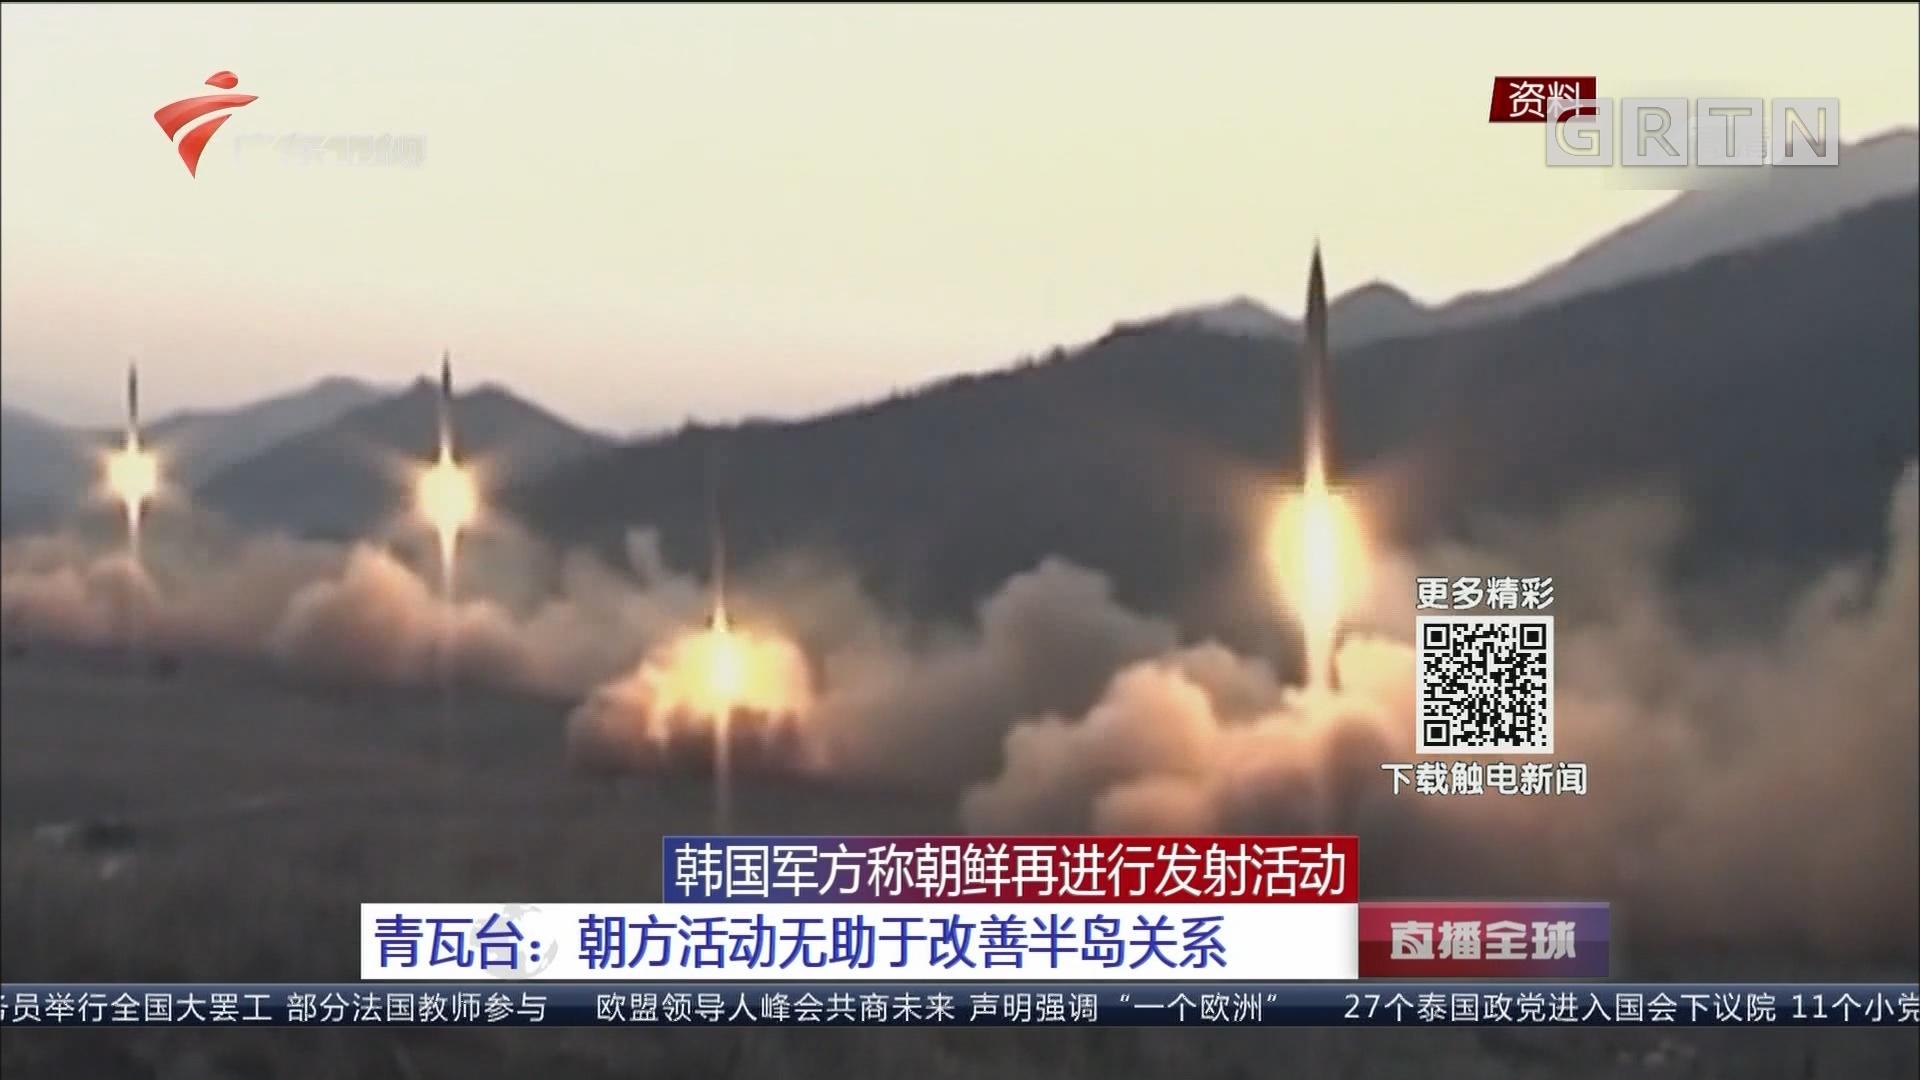 韩国军方称朝鲜再进行发射活动 青瓦台:朝方活动无助于改善半岛关系